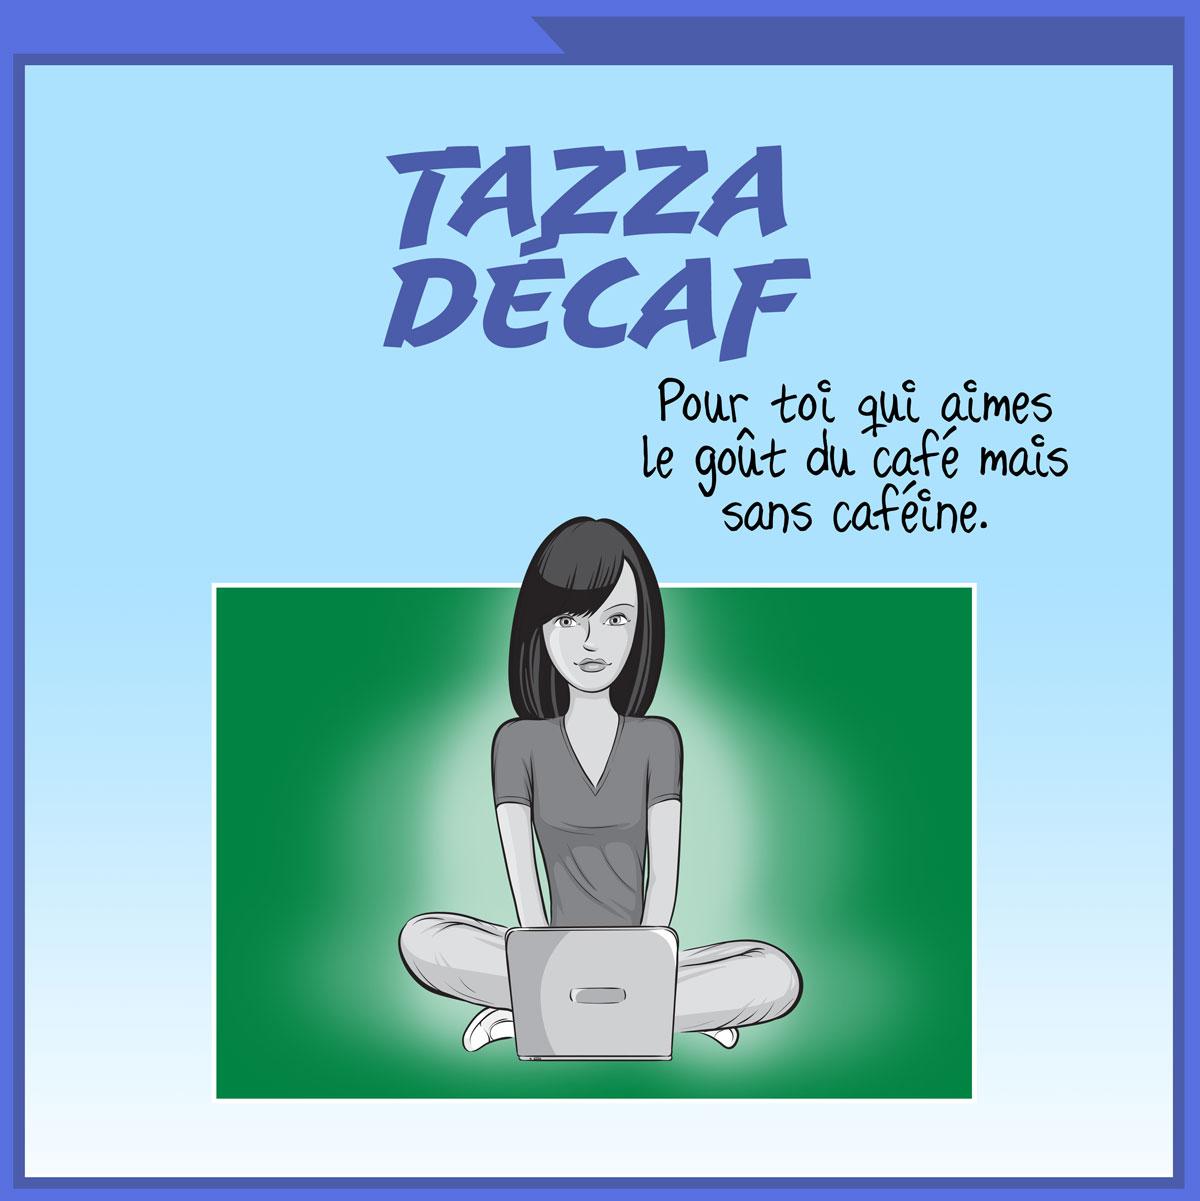 Tazza Décaf